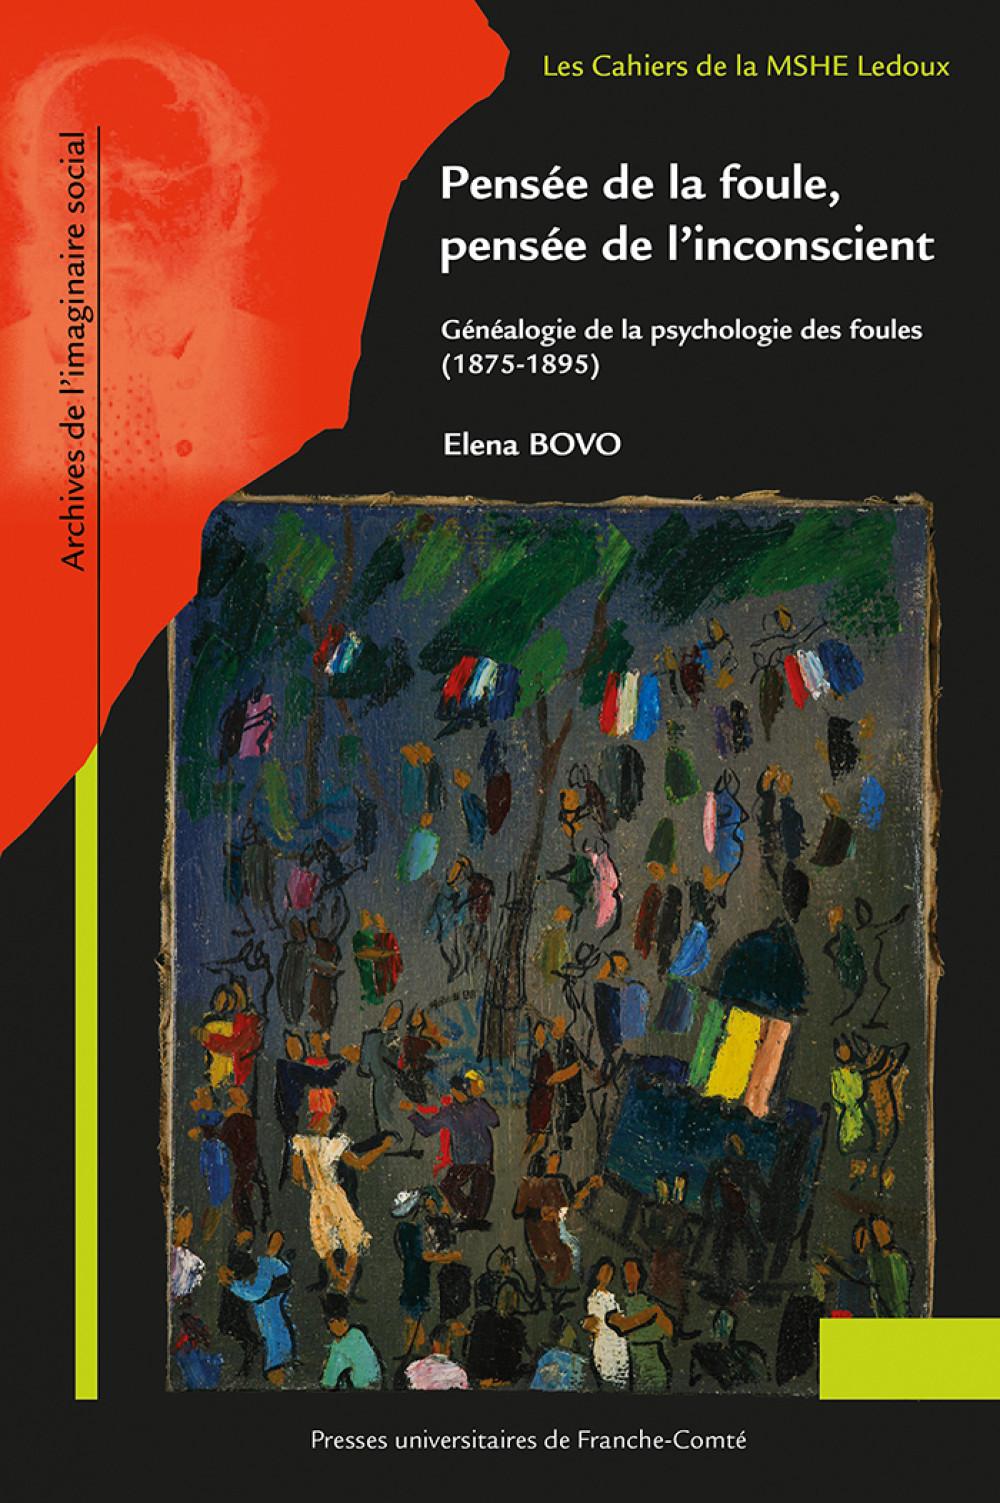 couverture Pensée de la foule, pensée de l'inconscient d'Elena BOVO